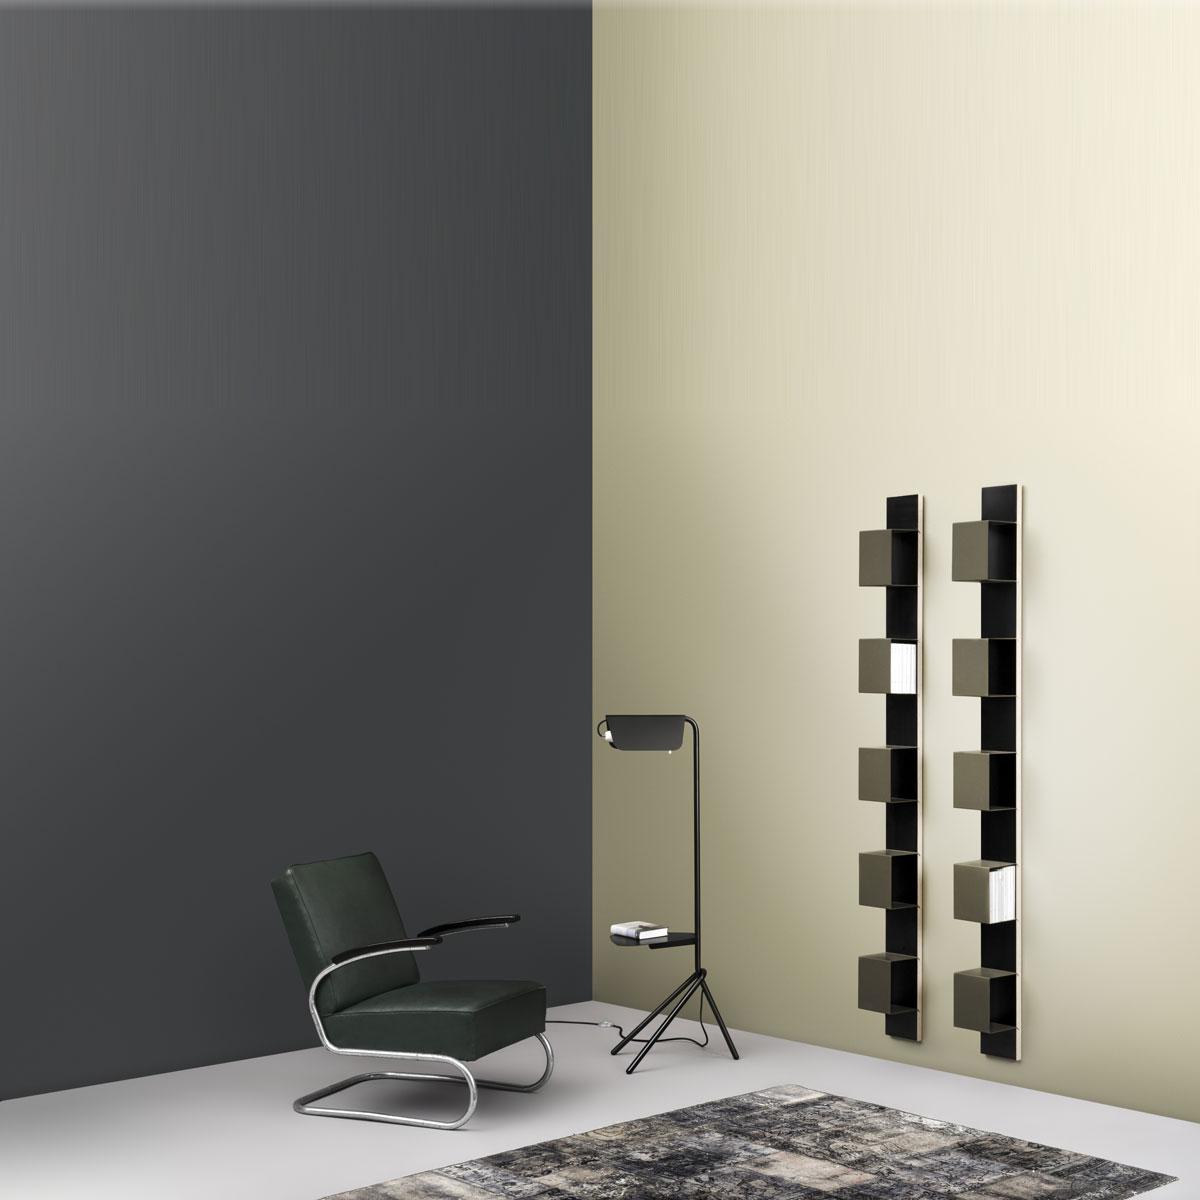 Wandregal 25x200x28 cm (BxHxT) mit 5 Ablagefächer. Wandpanel aus Birke Multiplex-Fächer aus Stahlblech. Edles Design. Modell Wall 4 von Müller Möbelfabrikation.